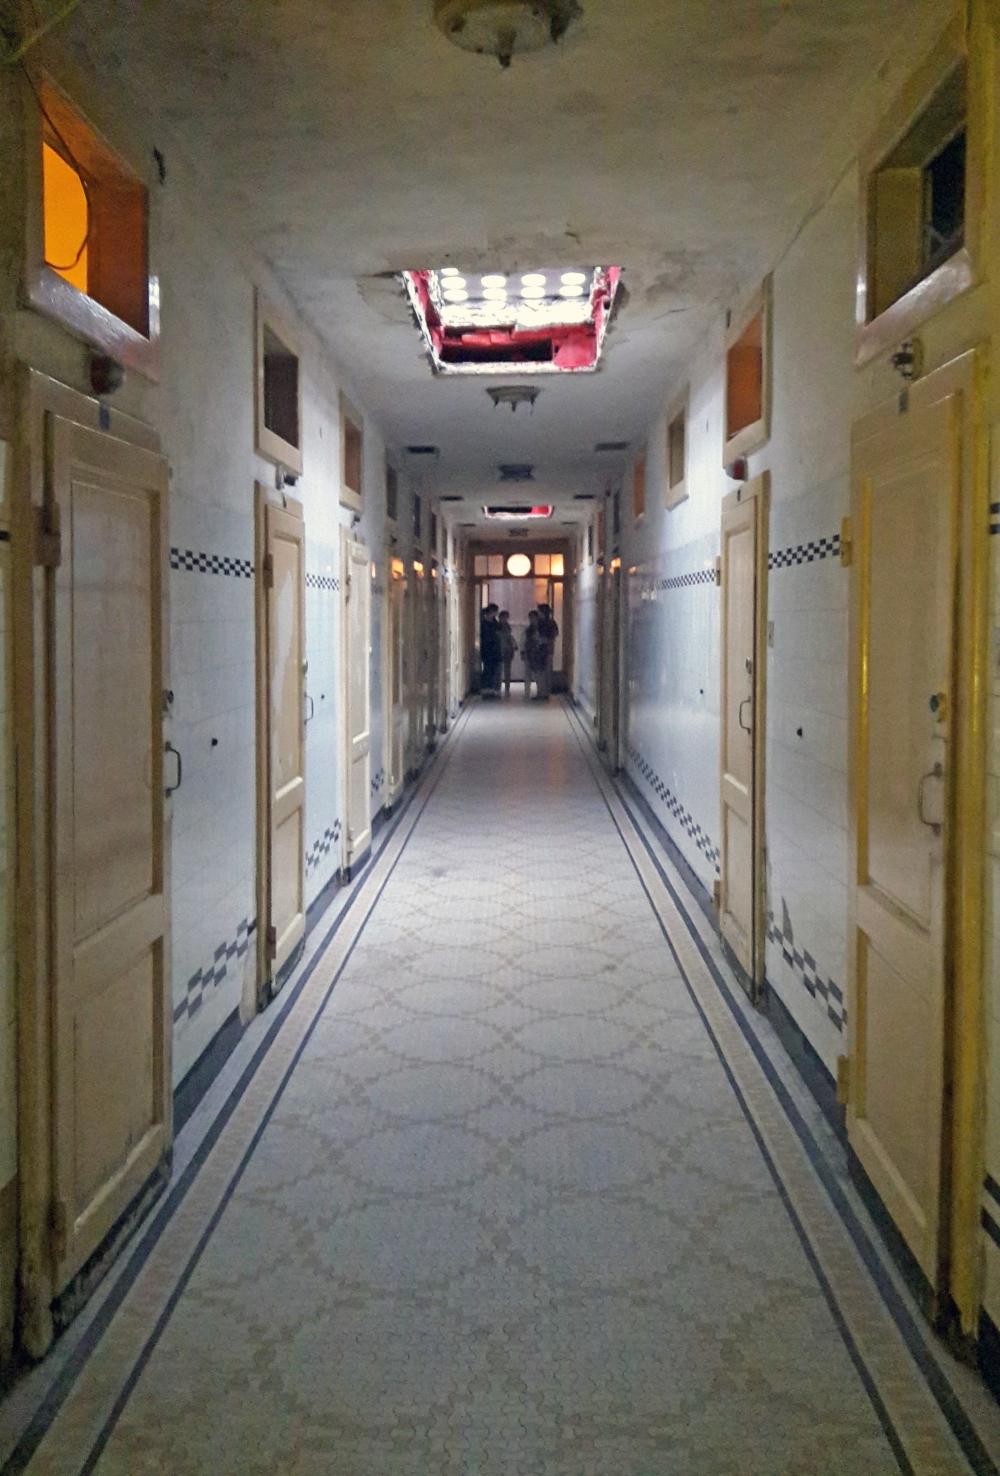 Corridoio ingresso dell'Albergo diurno Venezia a Milano